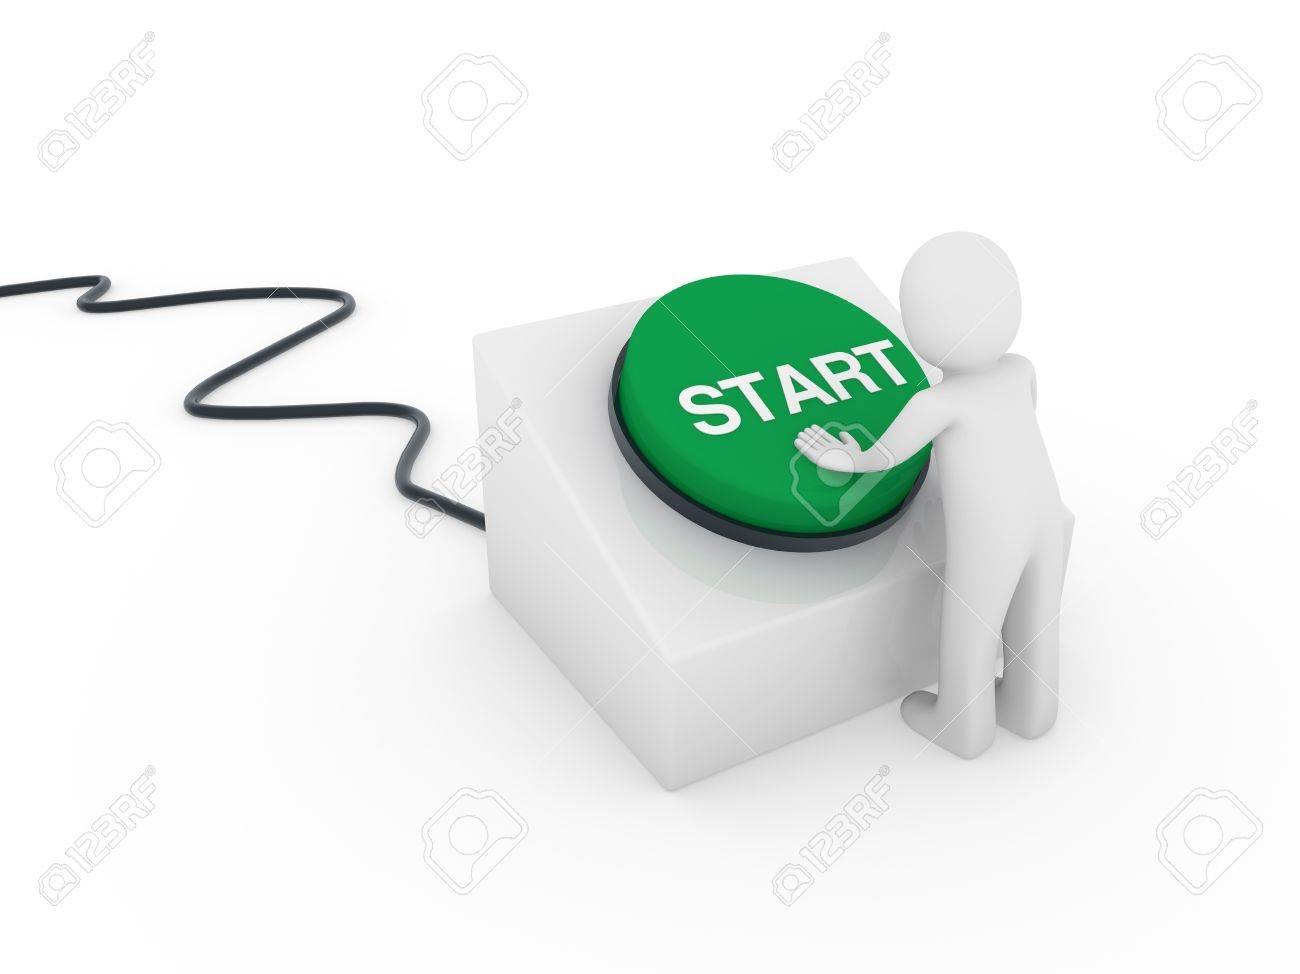 3d human man button green start push business Stock Photo - 9409816